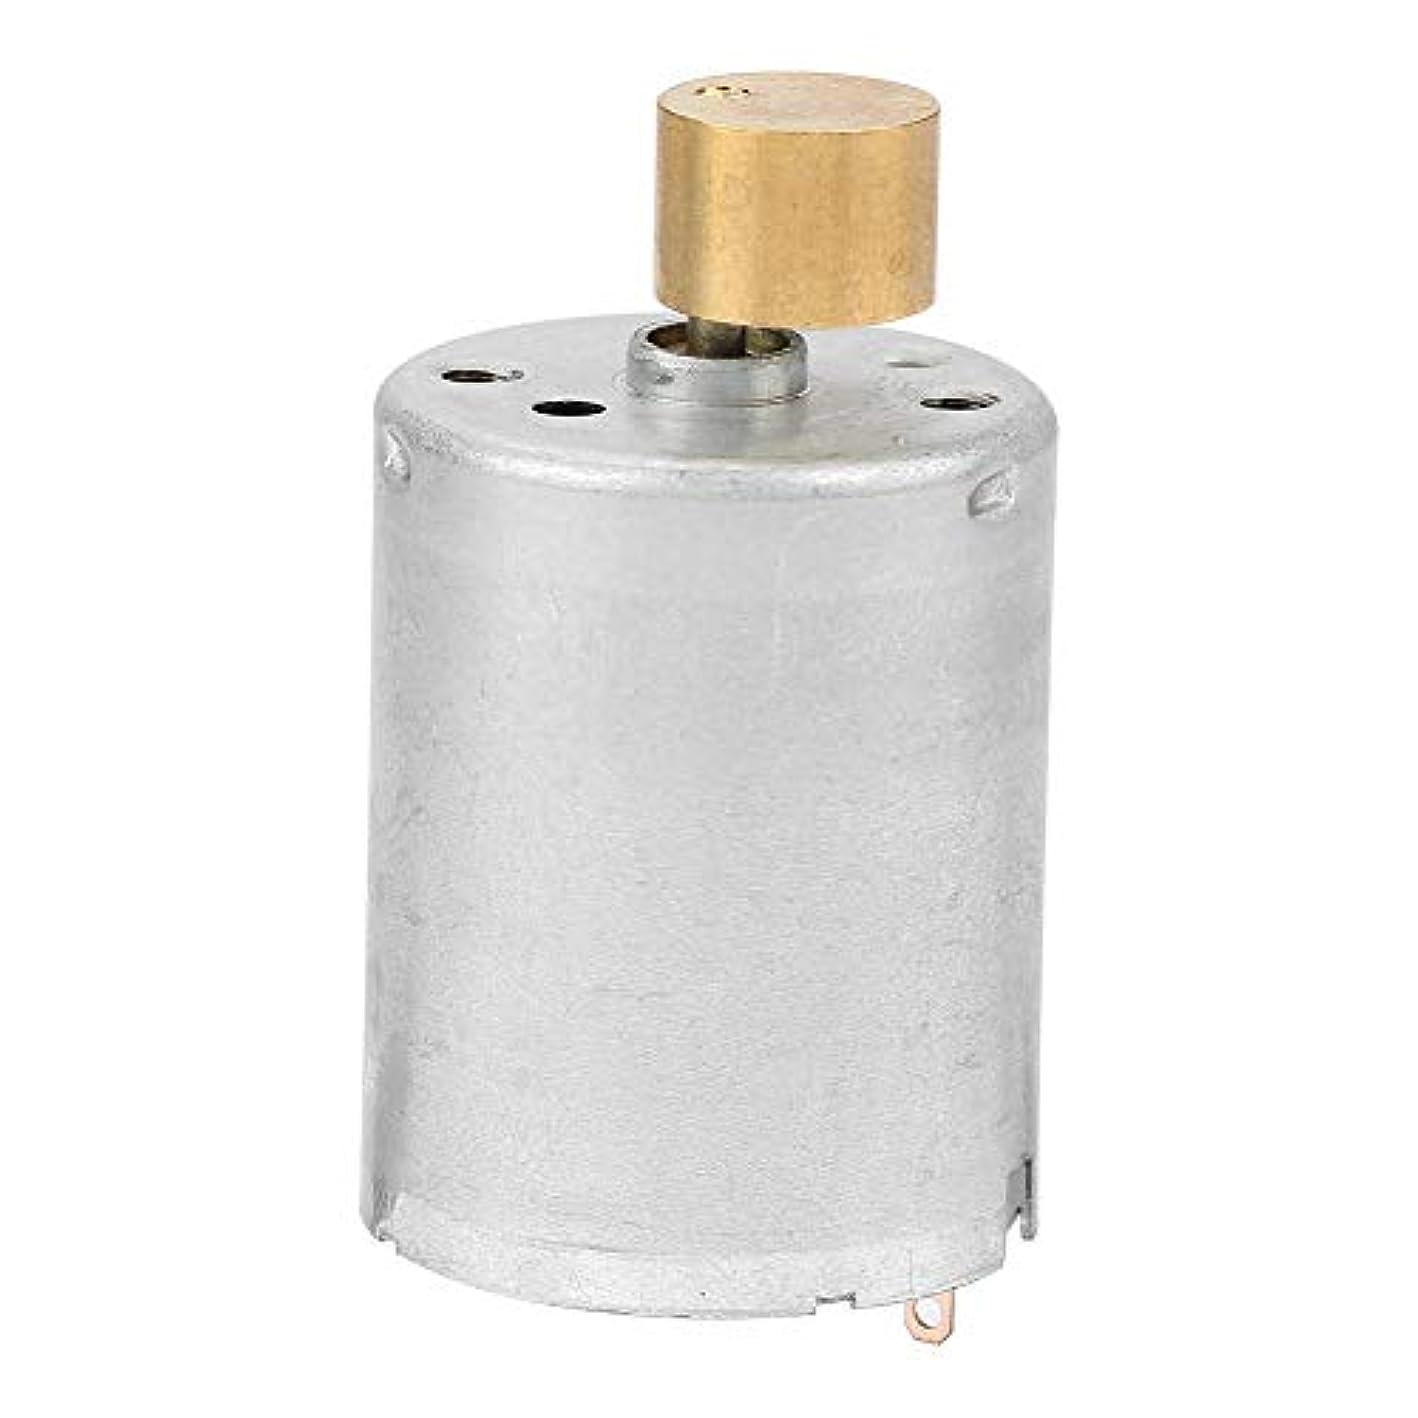 ニックネームボード国歌マッサージ装置のための振動モーターRF370 DCの小型強い振動振動モーター12V